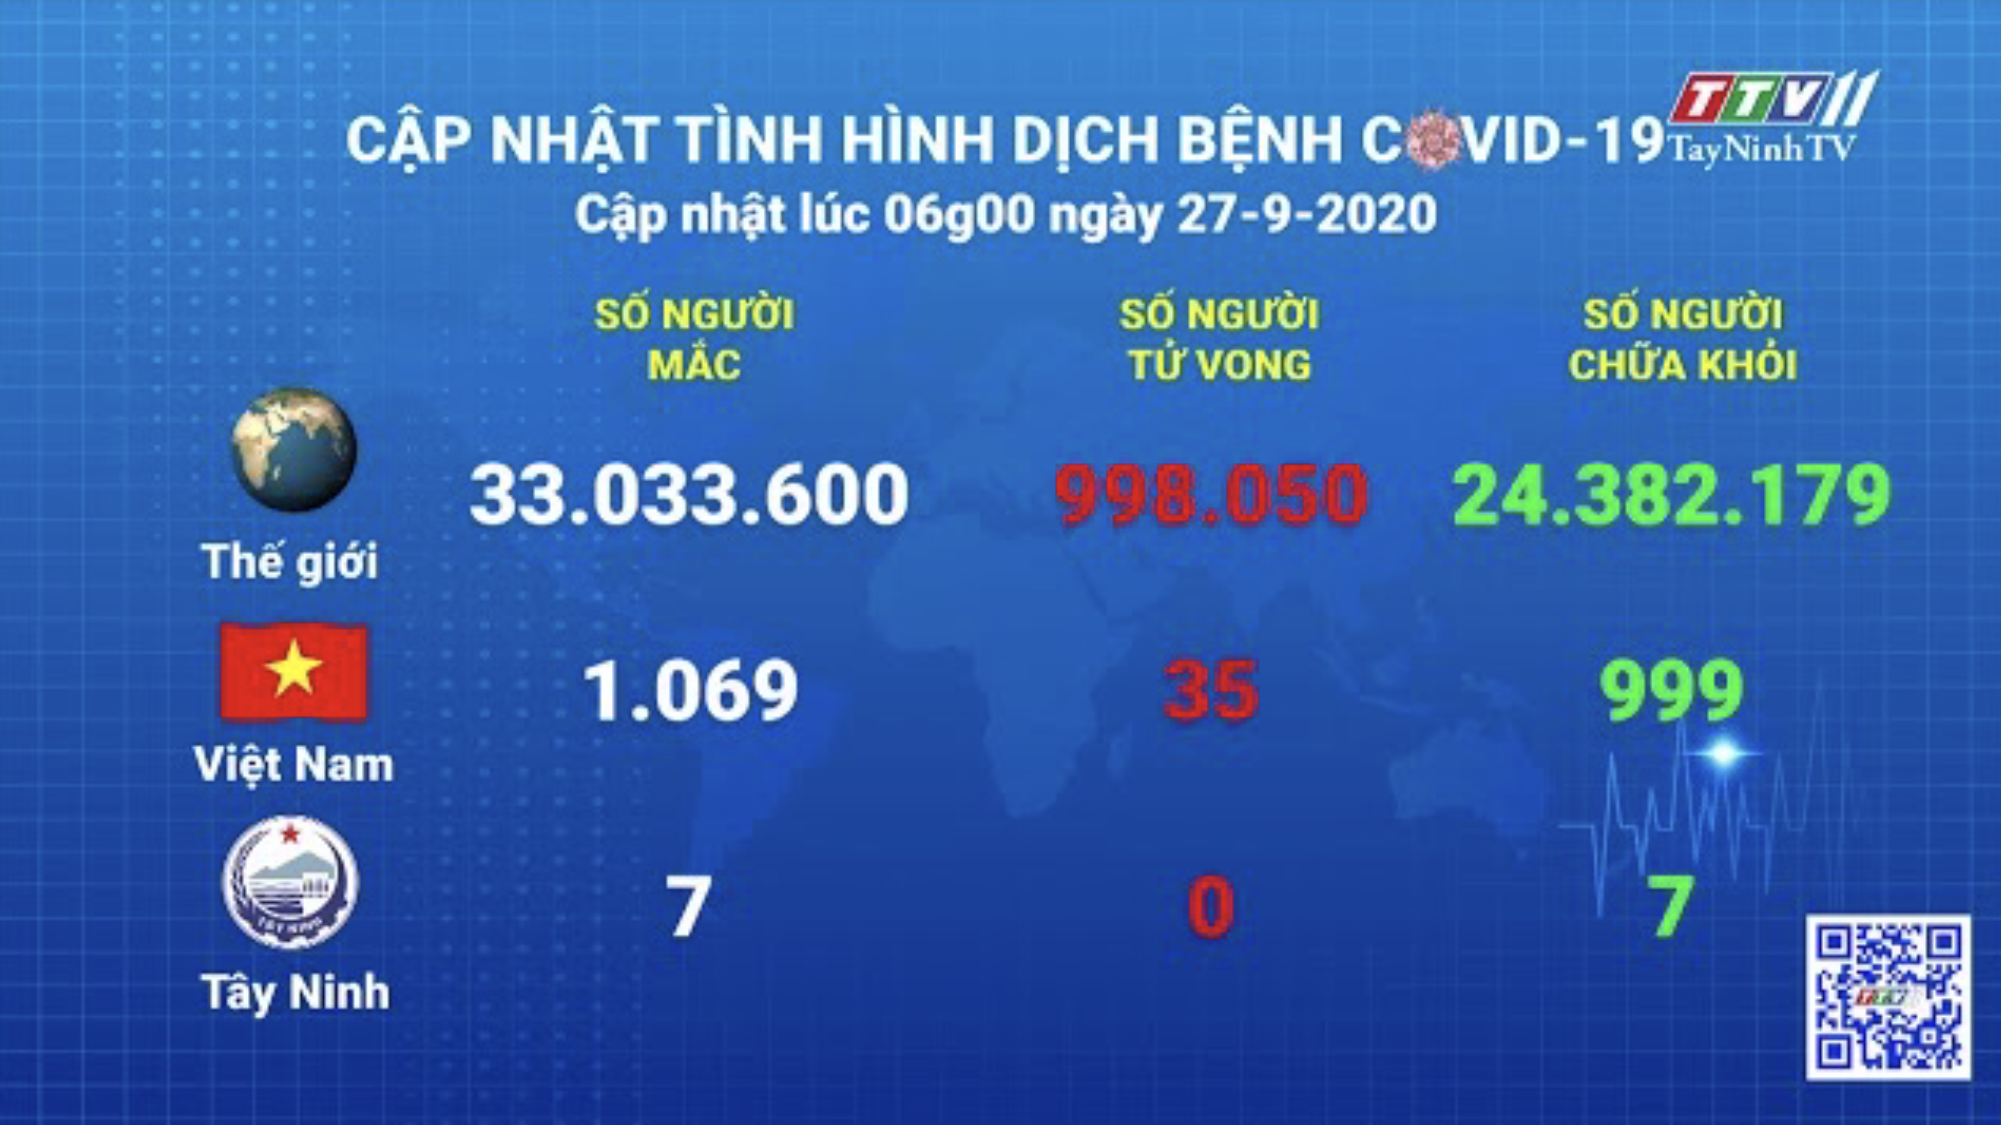 Cập nhật tình hình Covid-19 vào lúc 06 giờ 27-9-2020 | Thông tin dịch Covid-19 | TayNinhTV